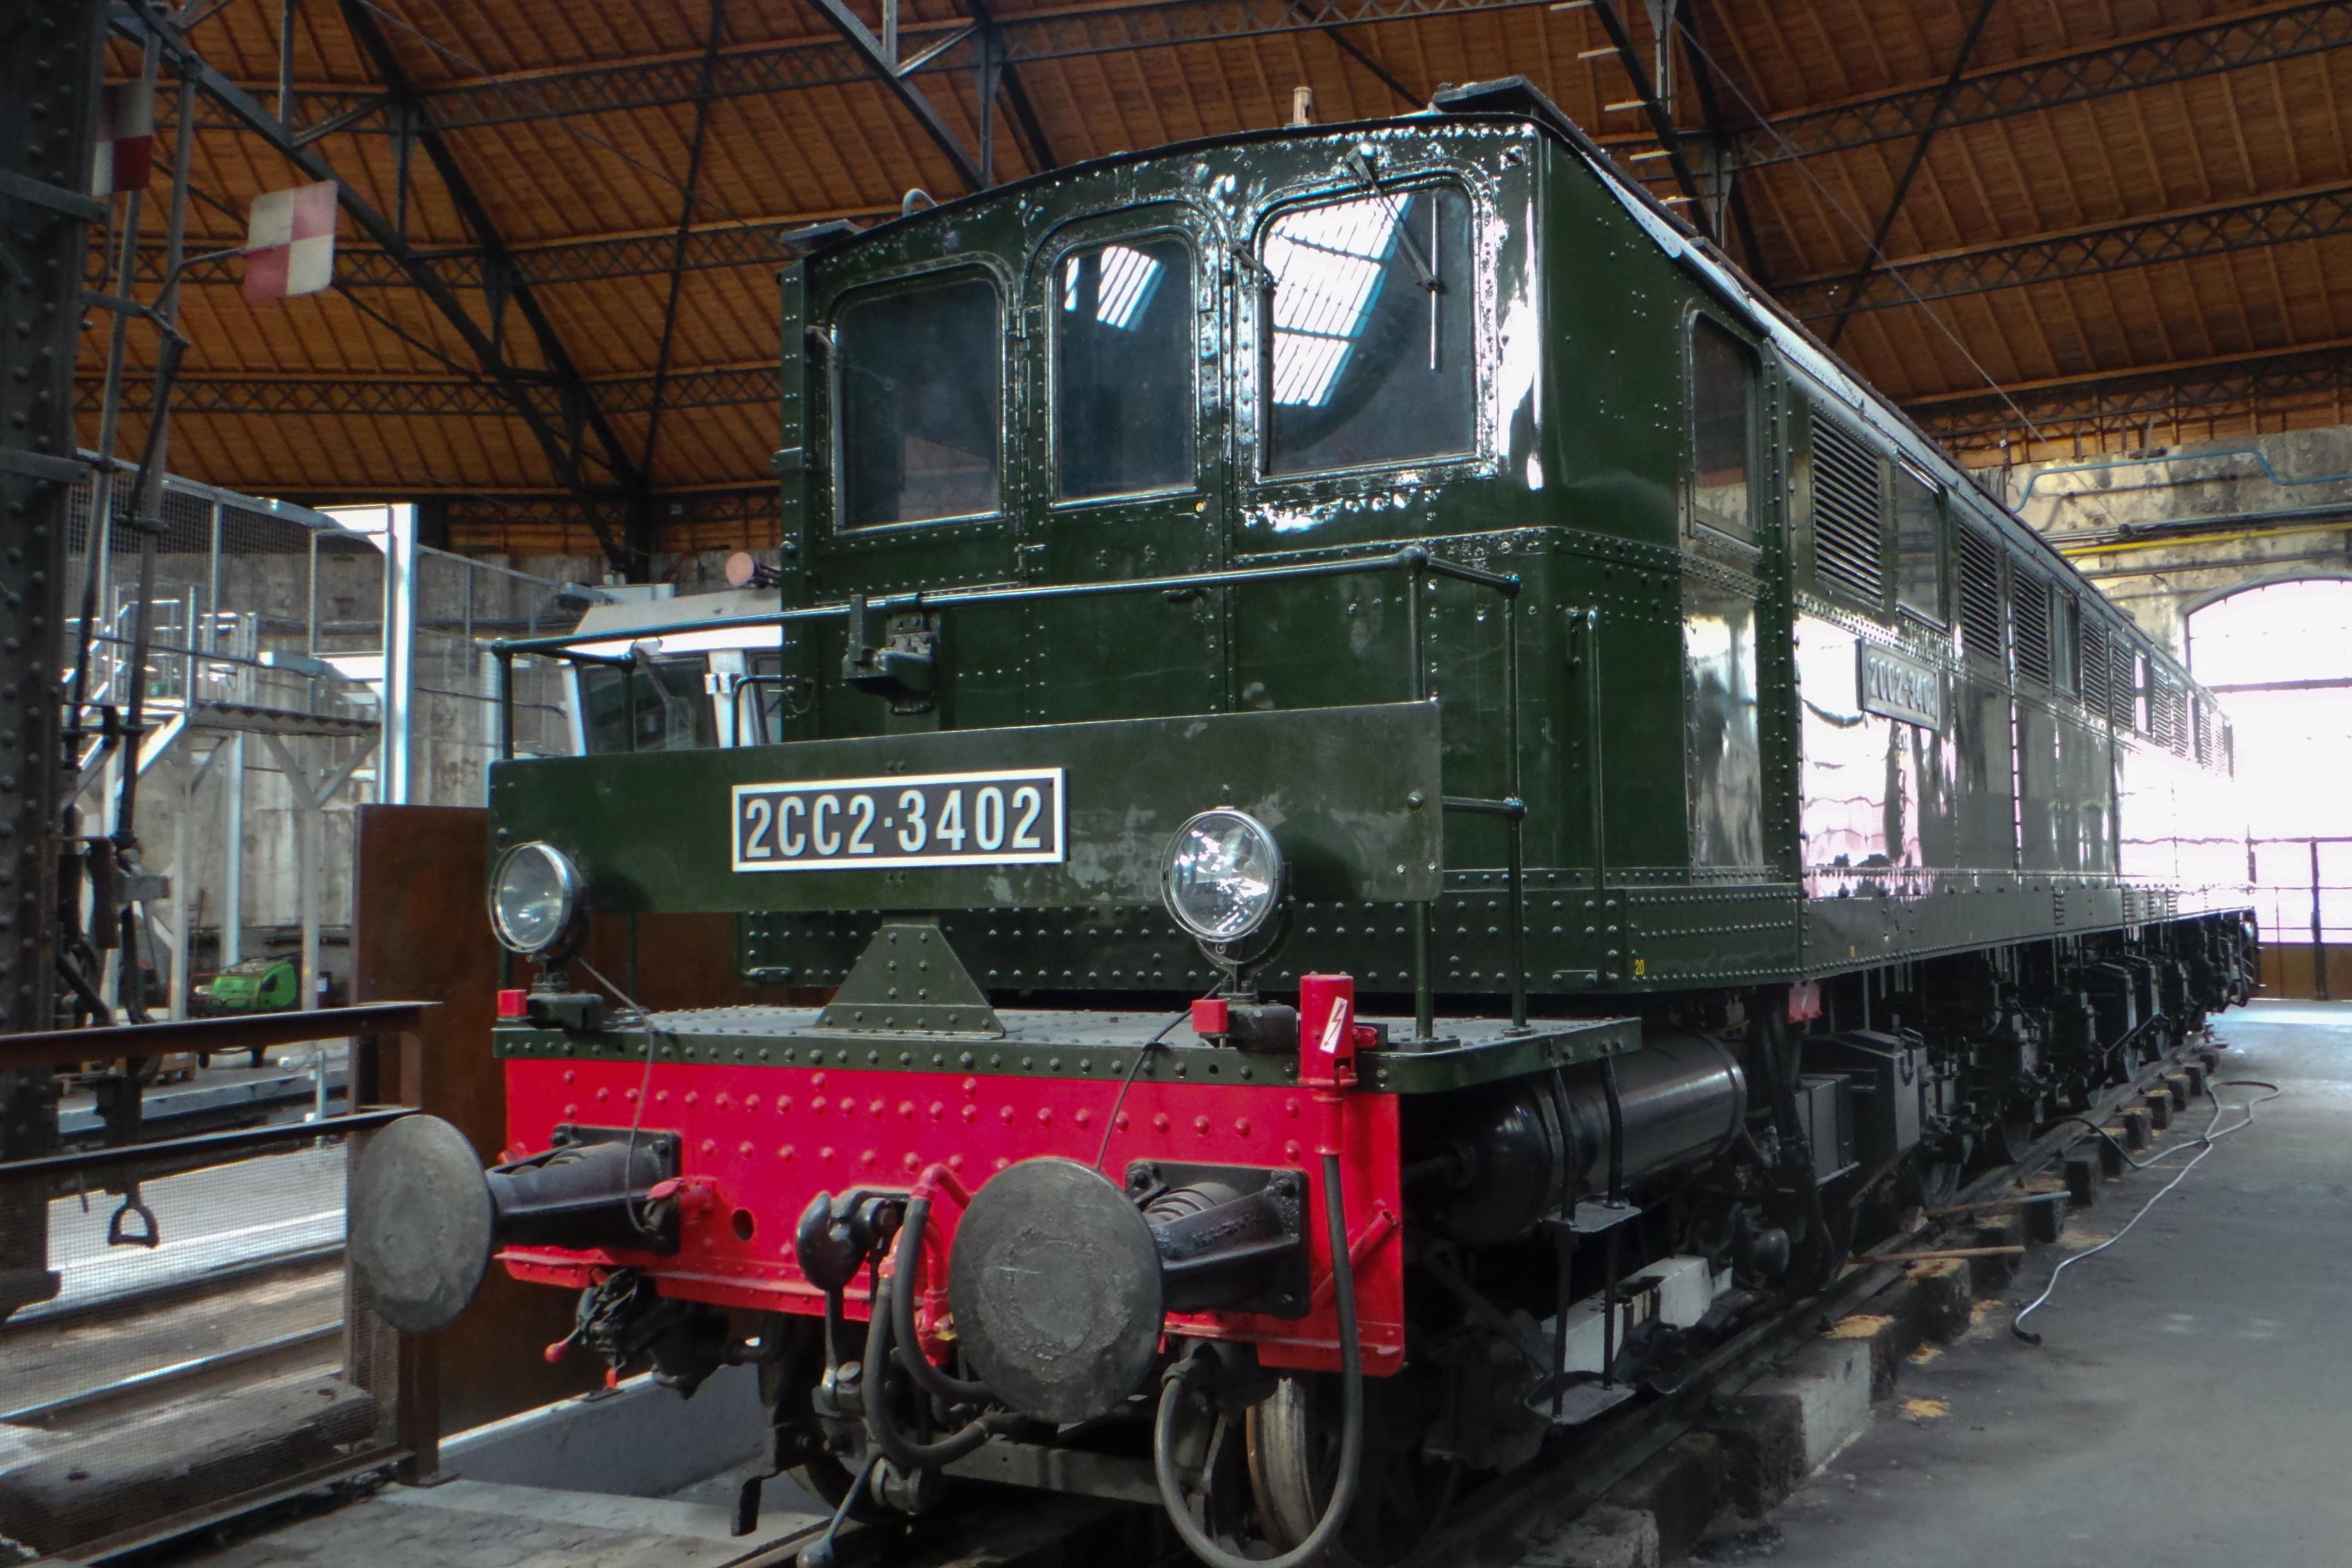 Datei:Dépôt-de-Chambéry - Rotonde - 2CC2-3402 - 20131103 143741